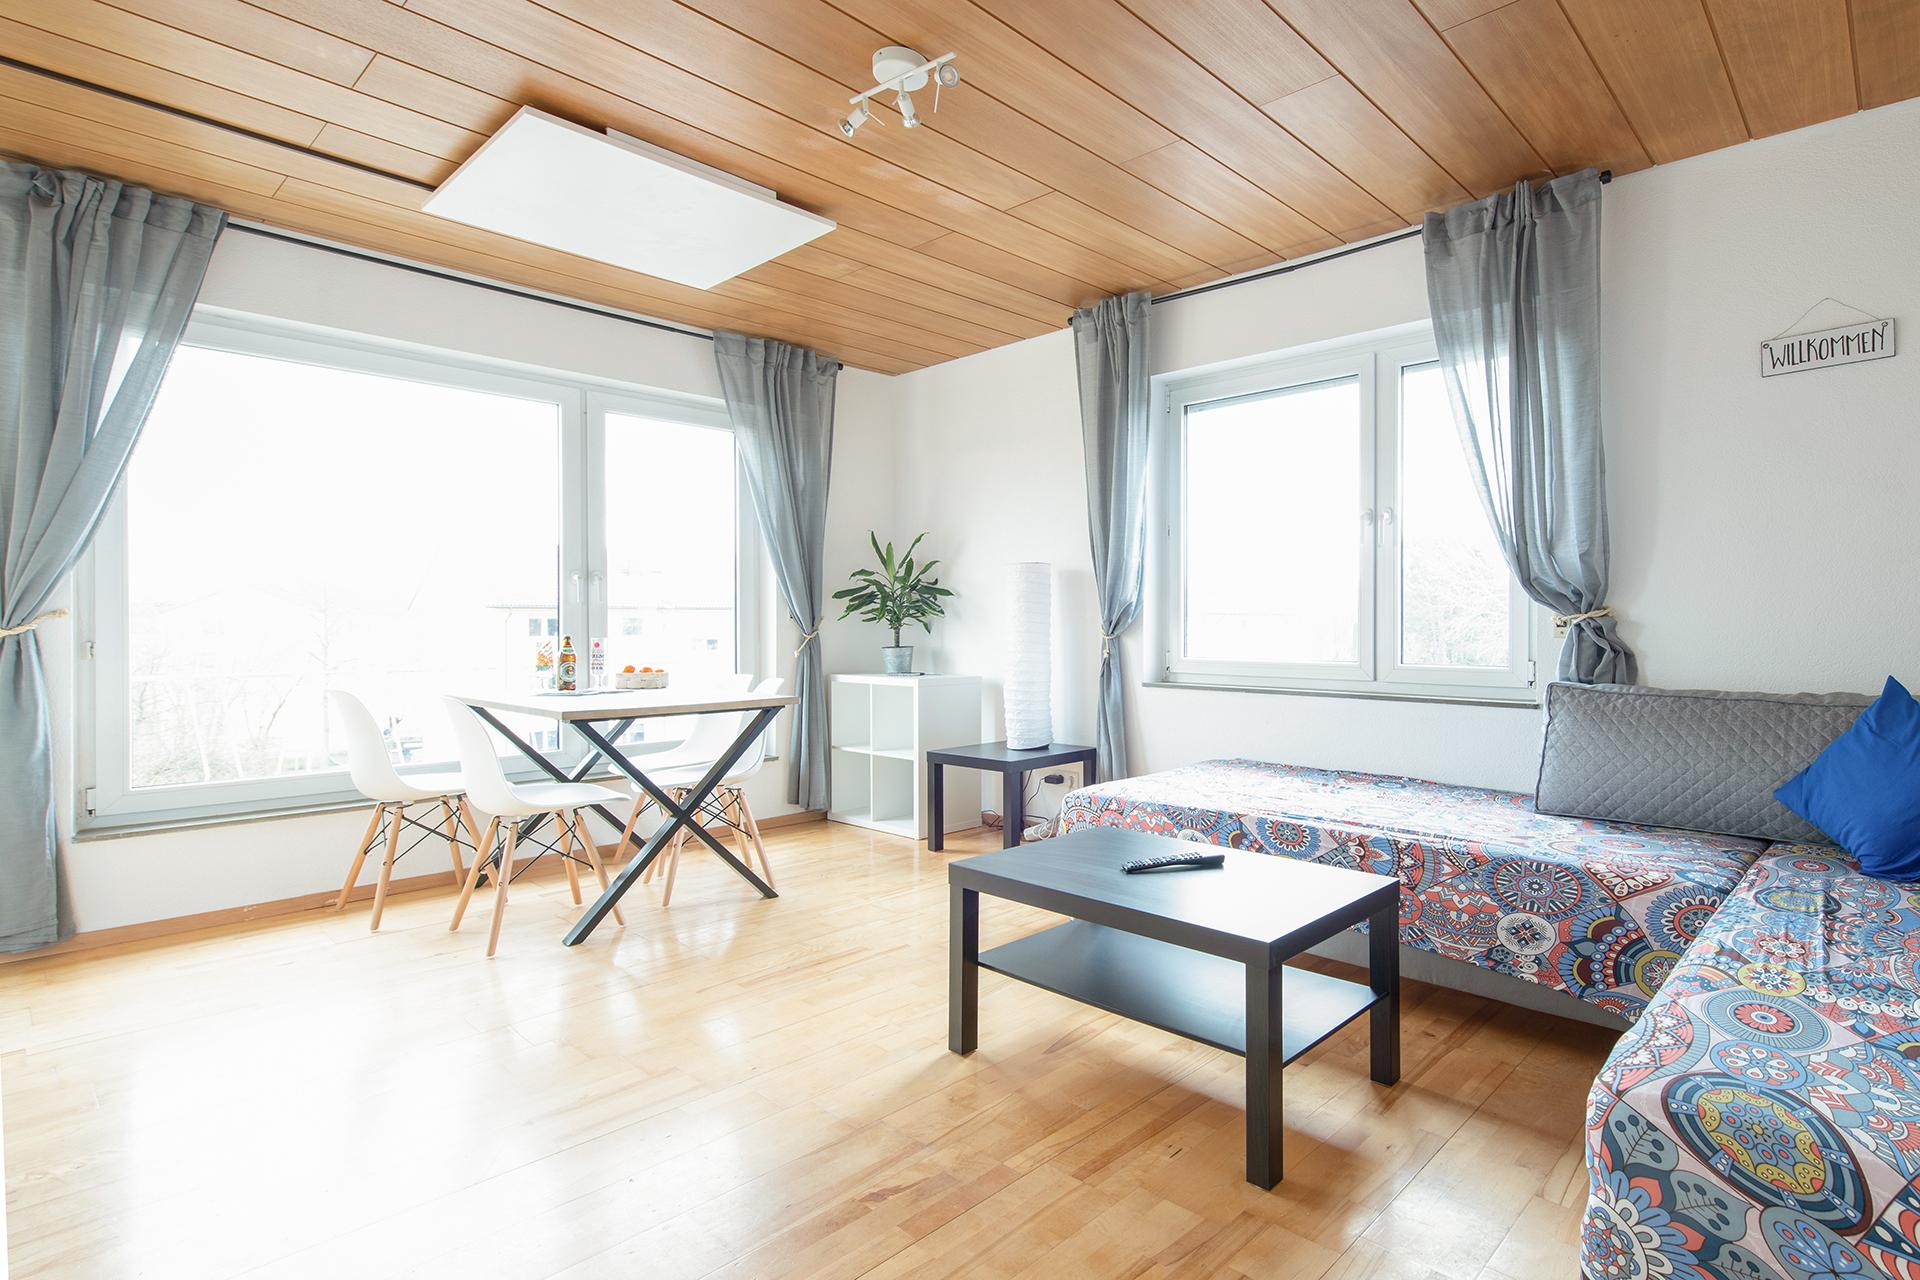 Ferienwohnung am Bodensee: Friedrichshafen - Wohnzimmer